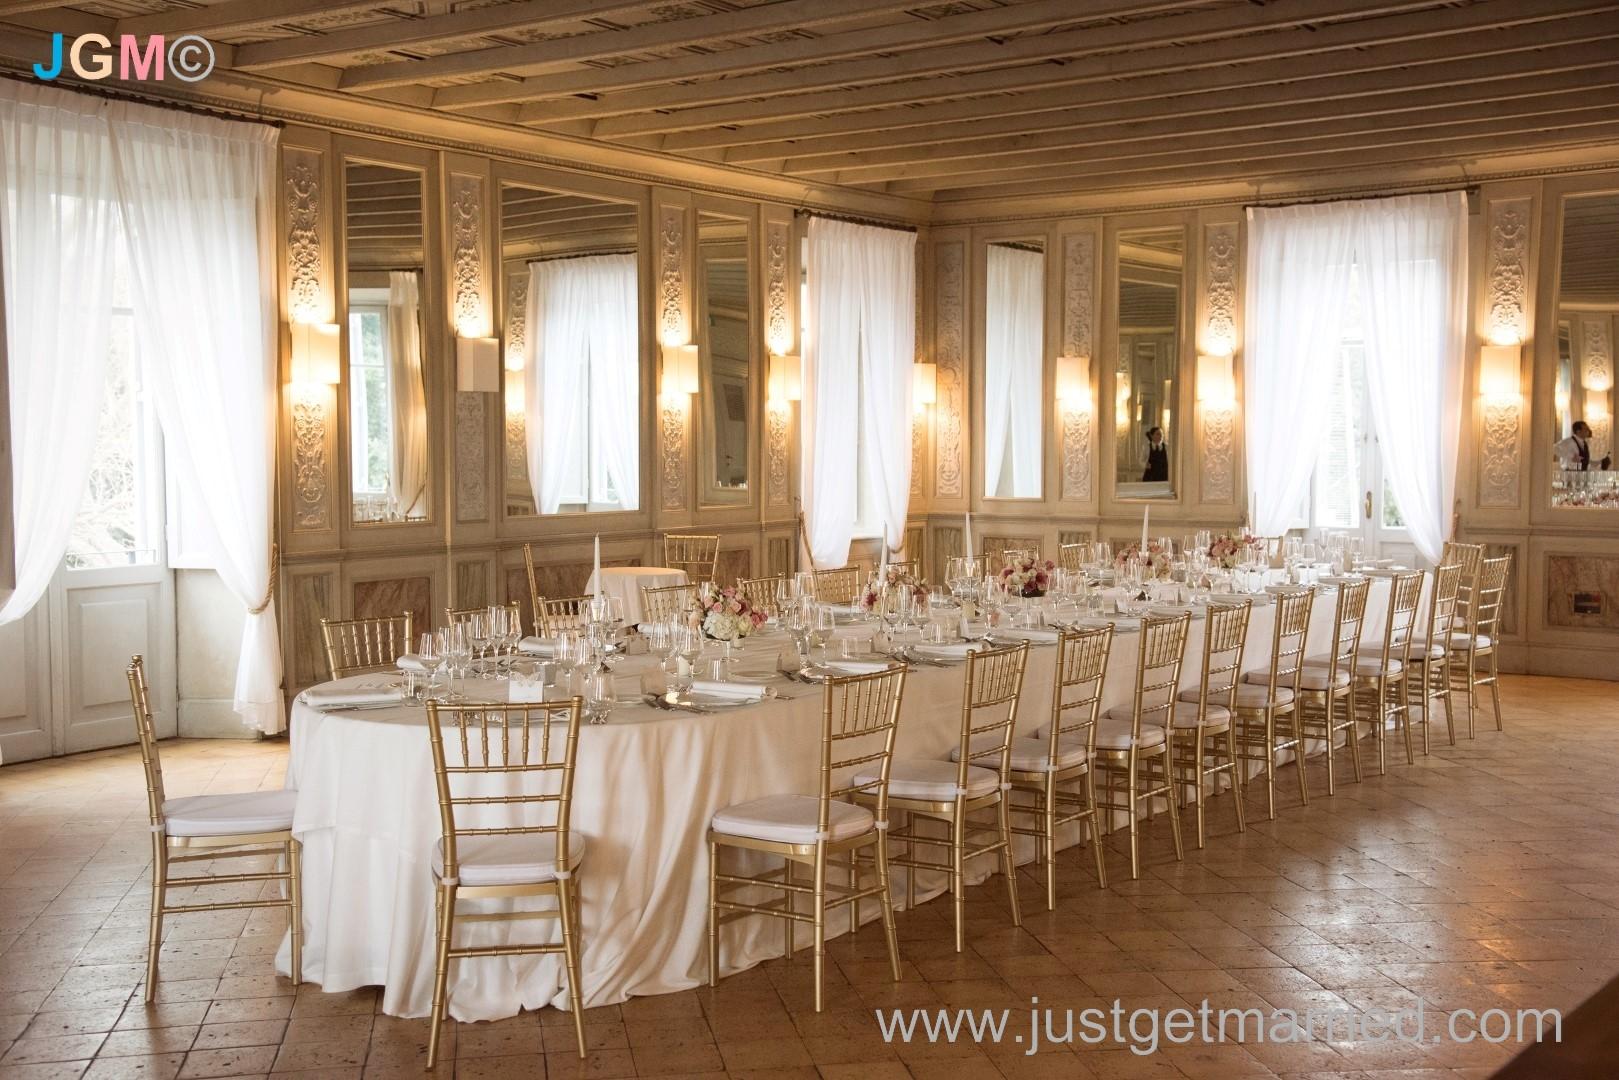 casina valadier mirror's hall rome italy events